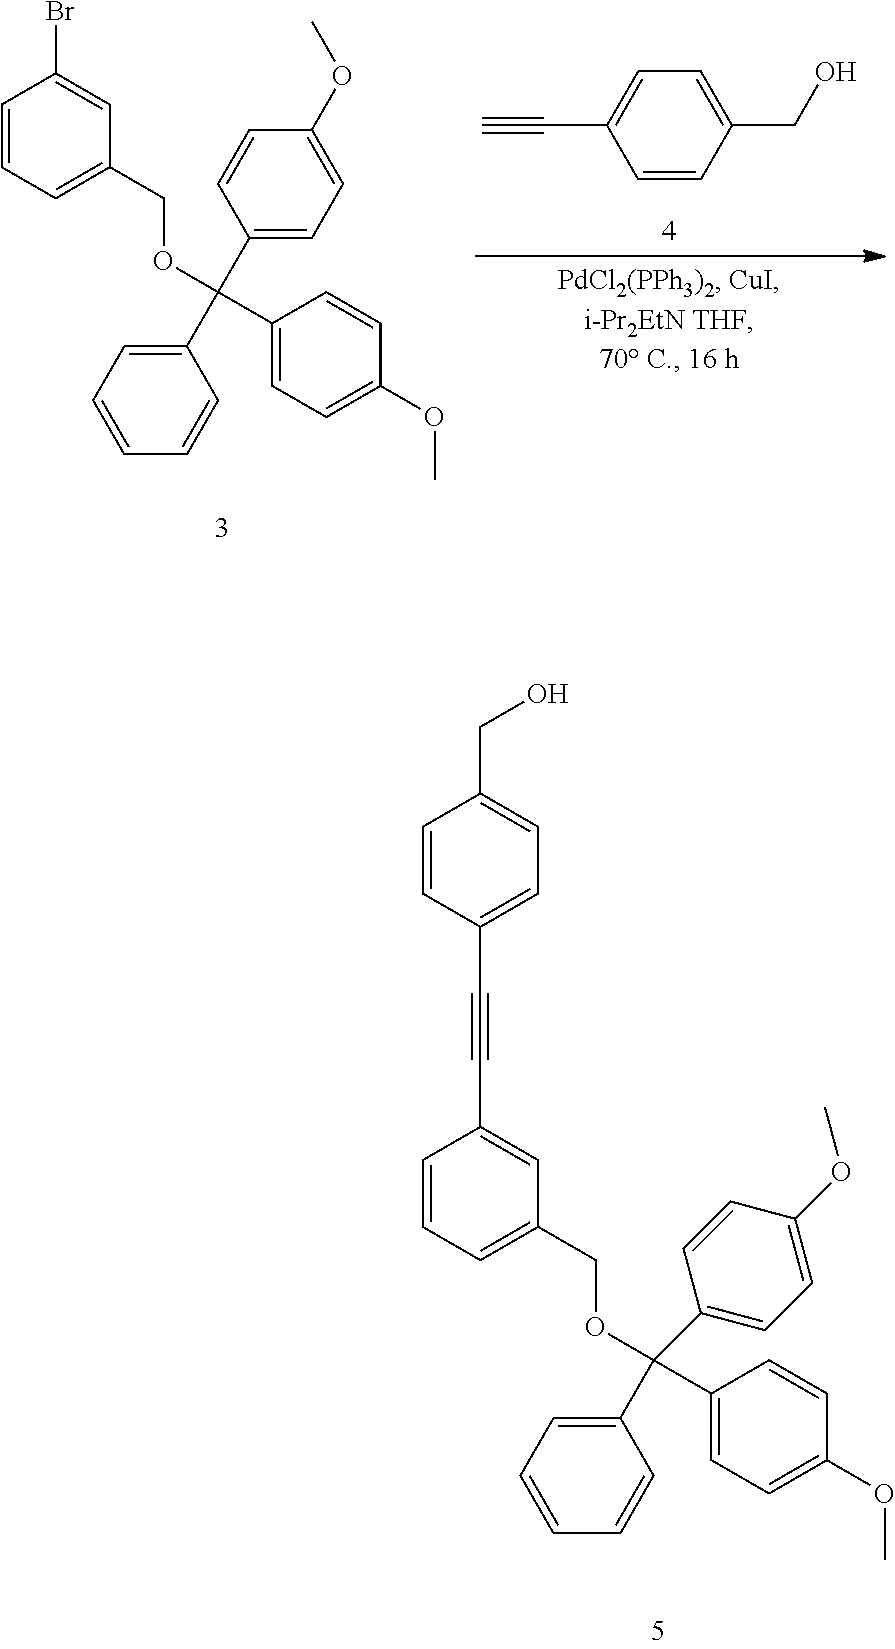 Figure US09988627-20180605-C00332